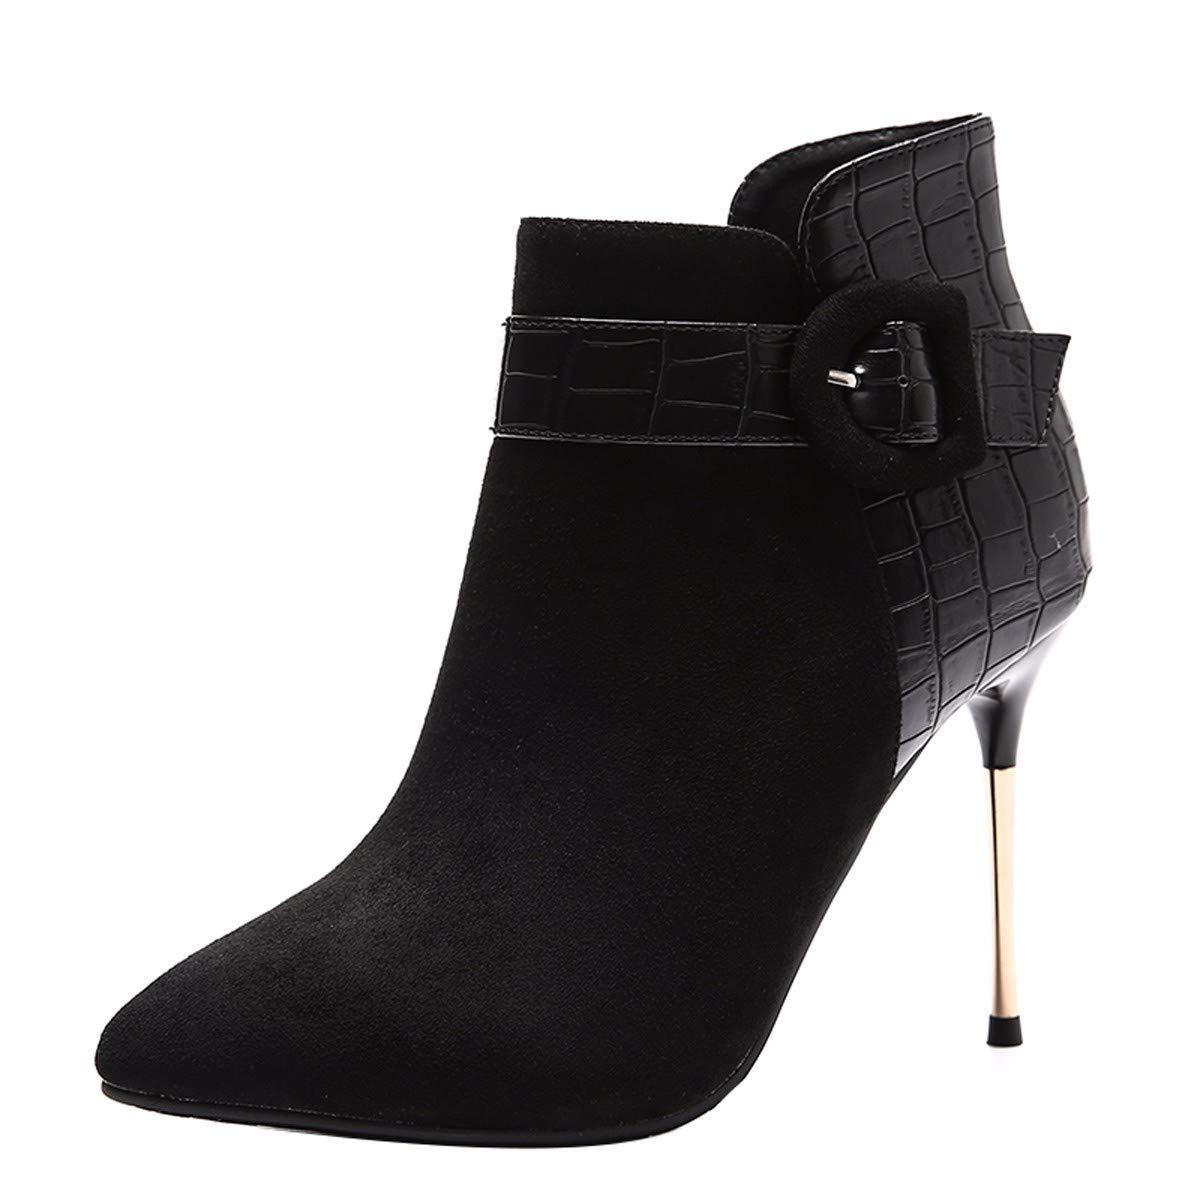 KPHY Damenschuhe/Kurze Stiefel Mit Hohen 10Cm, Winter, Mode, Sexy, Gürtel, Starken Kopf, Dünne Sohle, Dünne Stiefel.